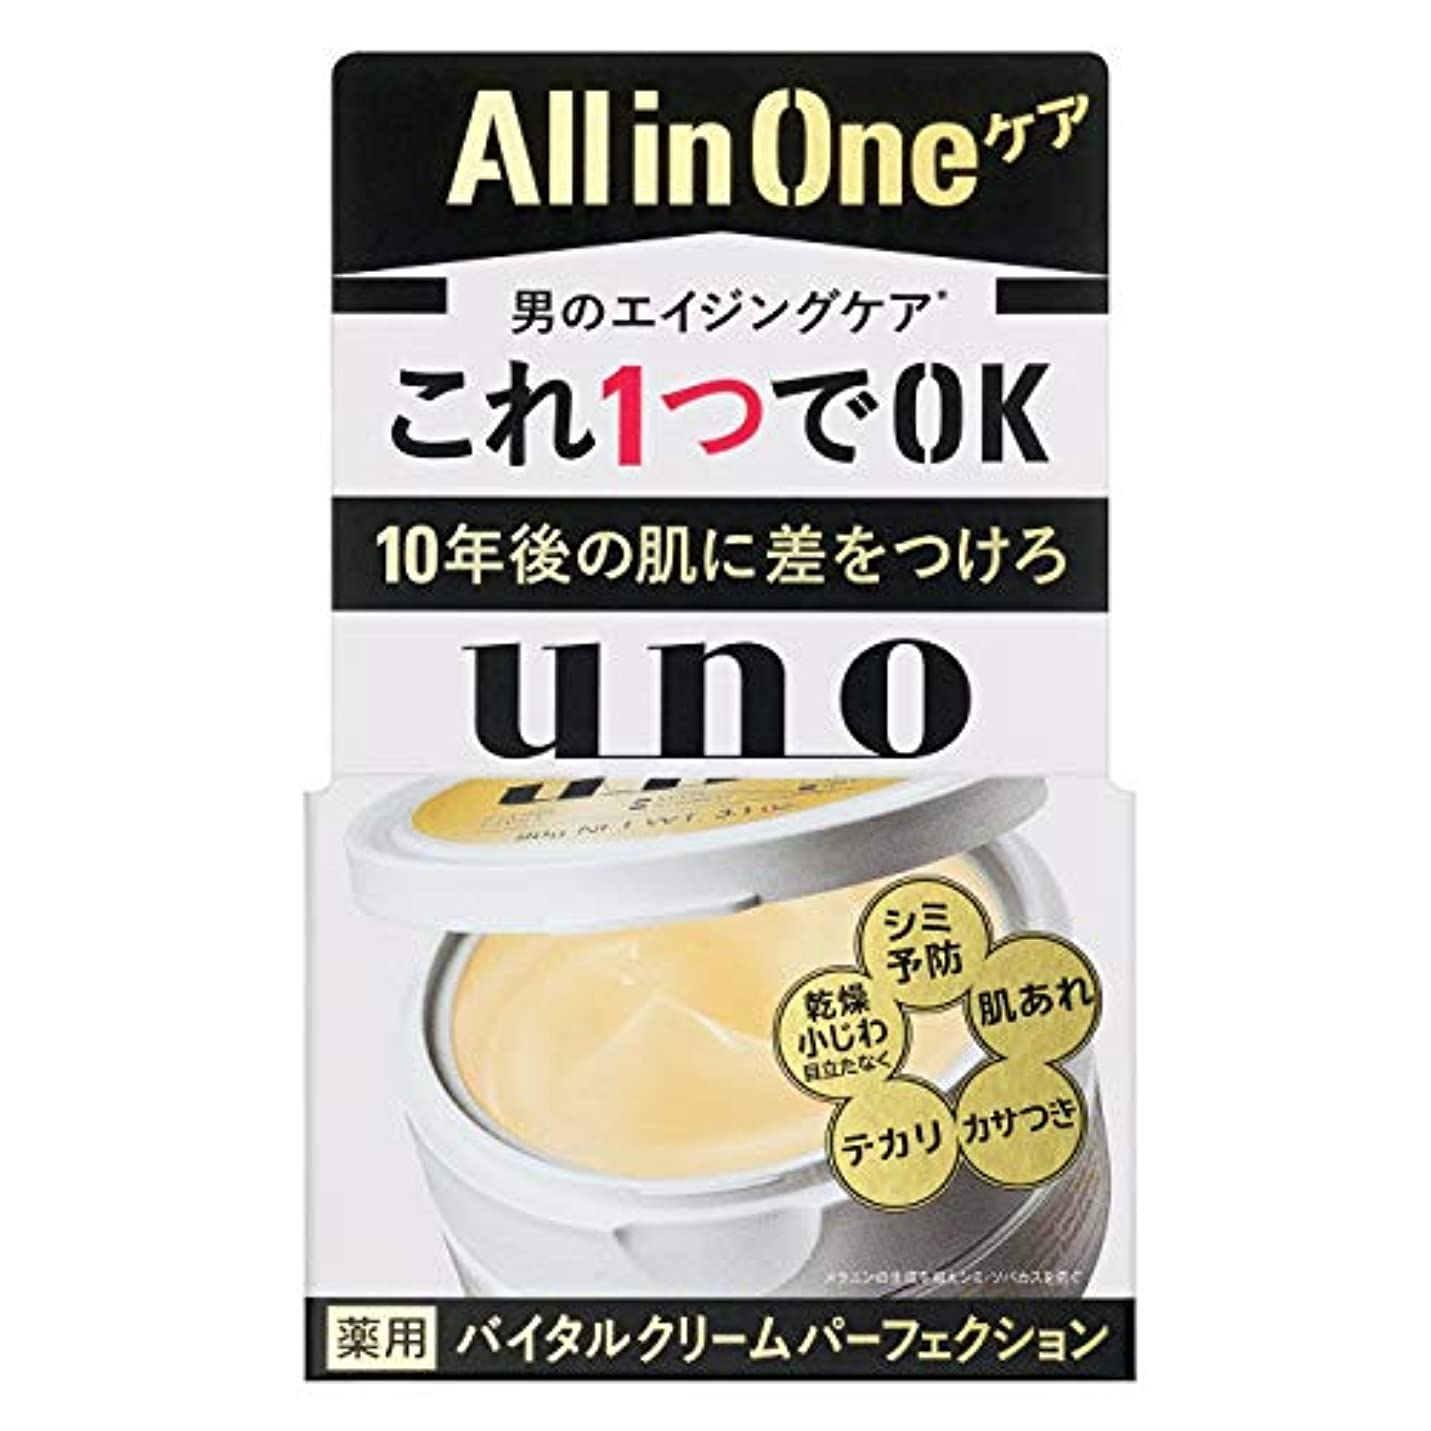 ブルーベル指アボートUNO(ウーノ) ウーノ バイタルクリームパーフェクション 90g オールインワン シトラスグリーンの香り(微香性)